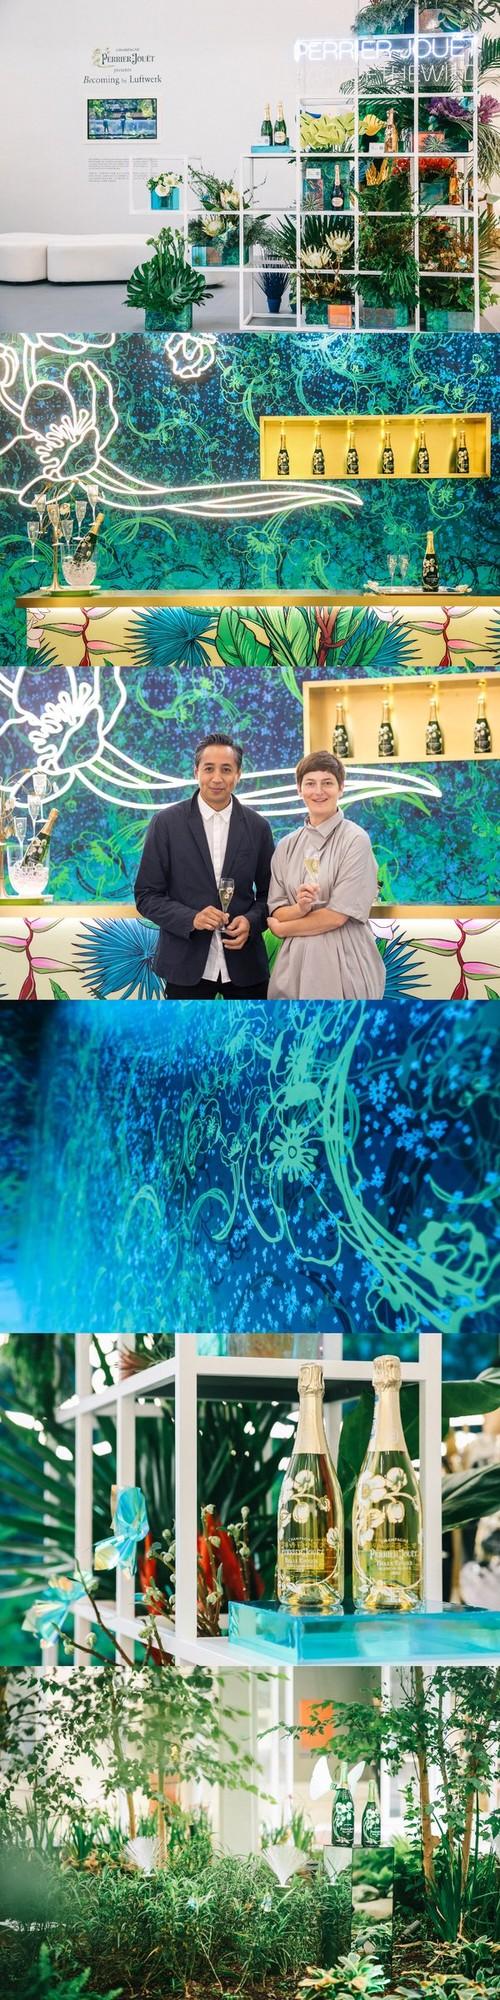 """巴黎之花""""自然新艺境""""亮相上海西岸艺术与设计博览会"""